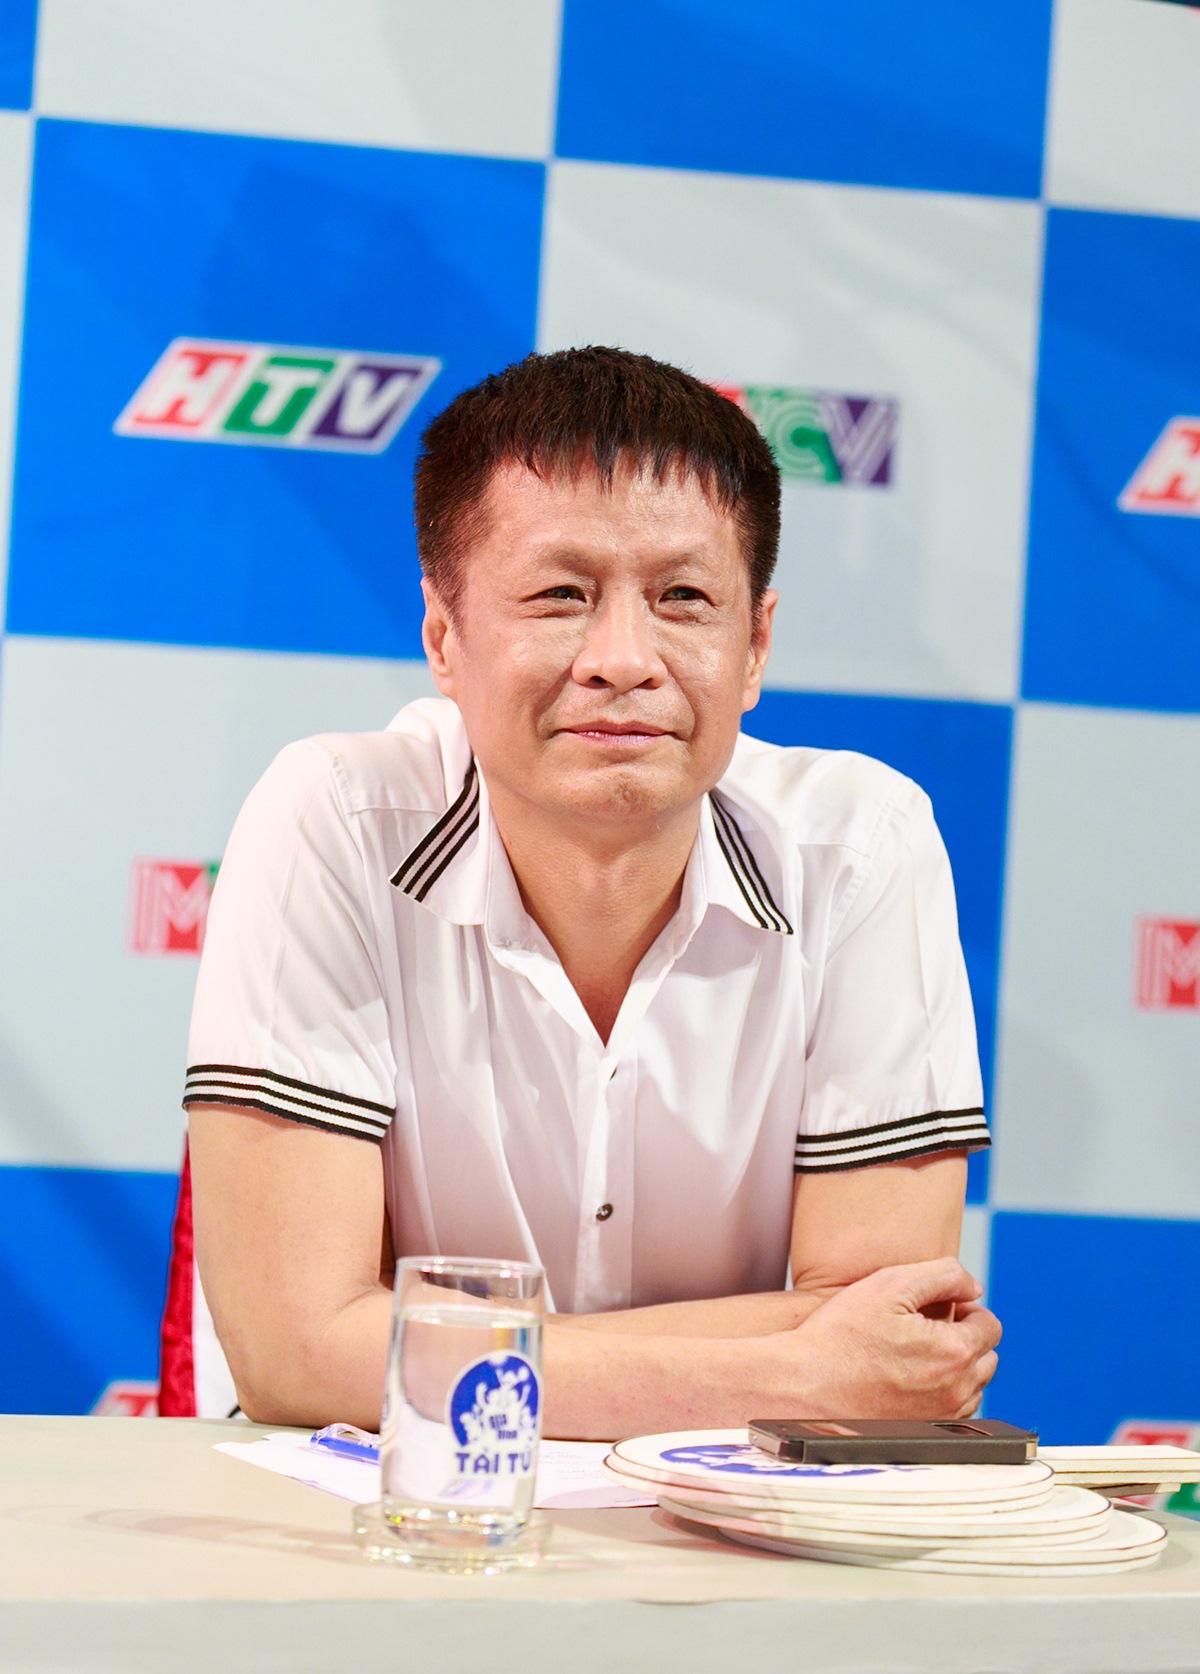 NSND Thanh Hoa: Lê Hoàng không có quyền nói về chuyên môn của tôi - Ảnh 2